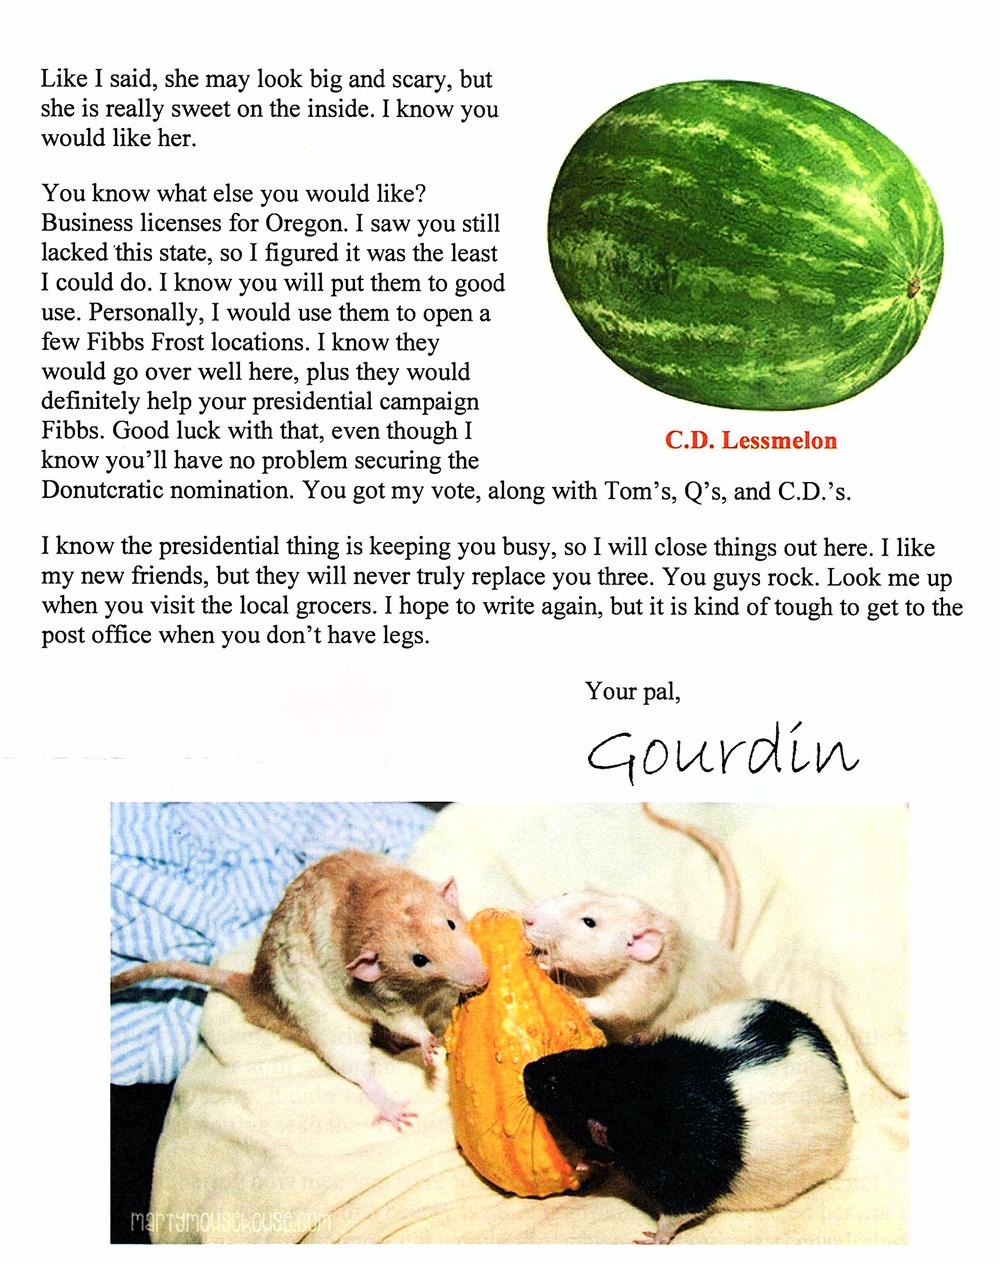 gourdin2